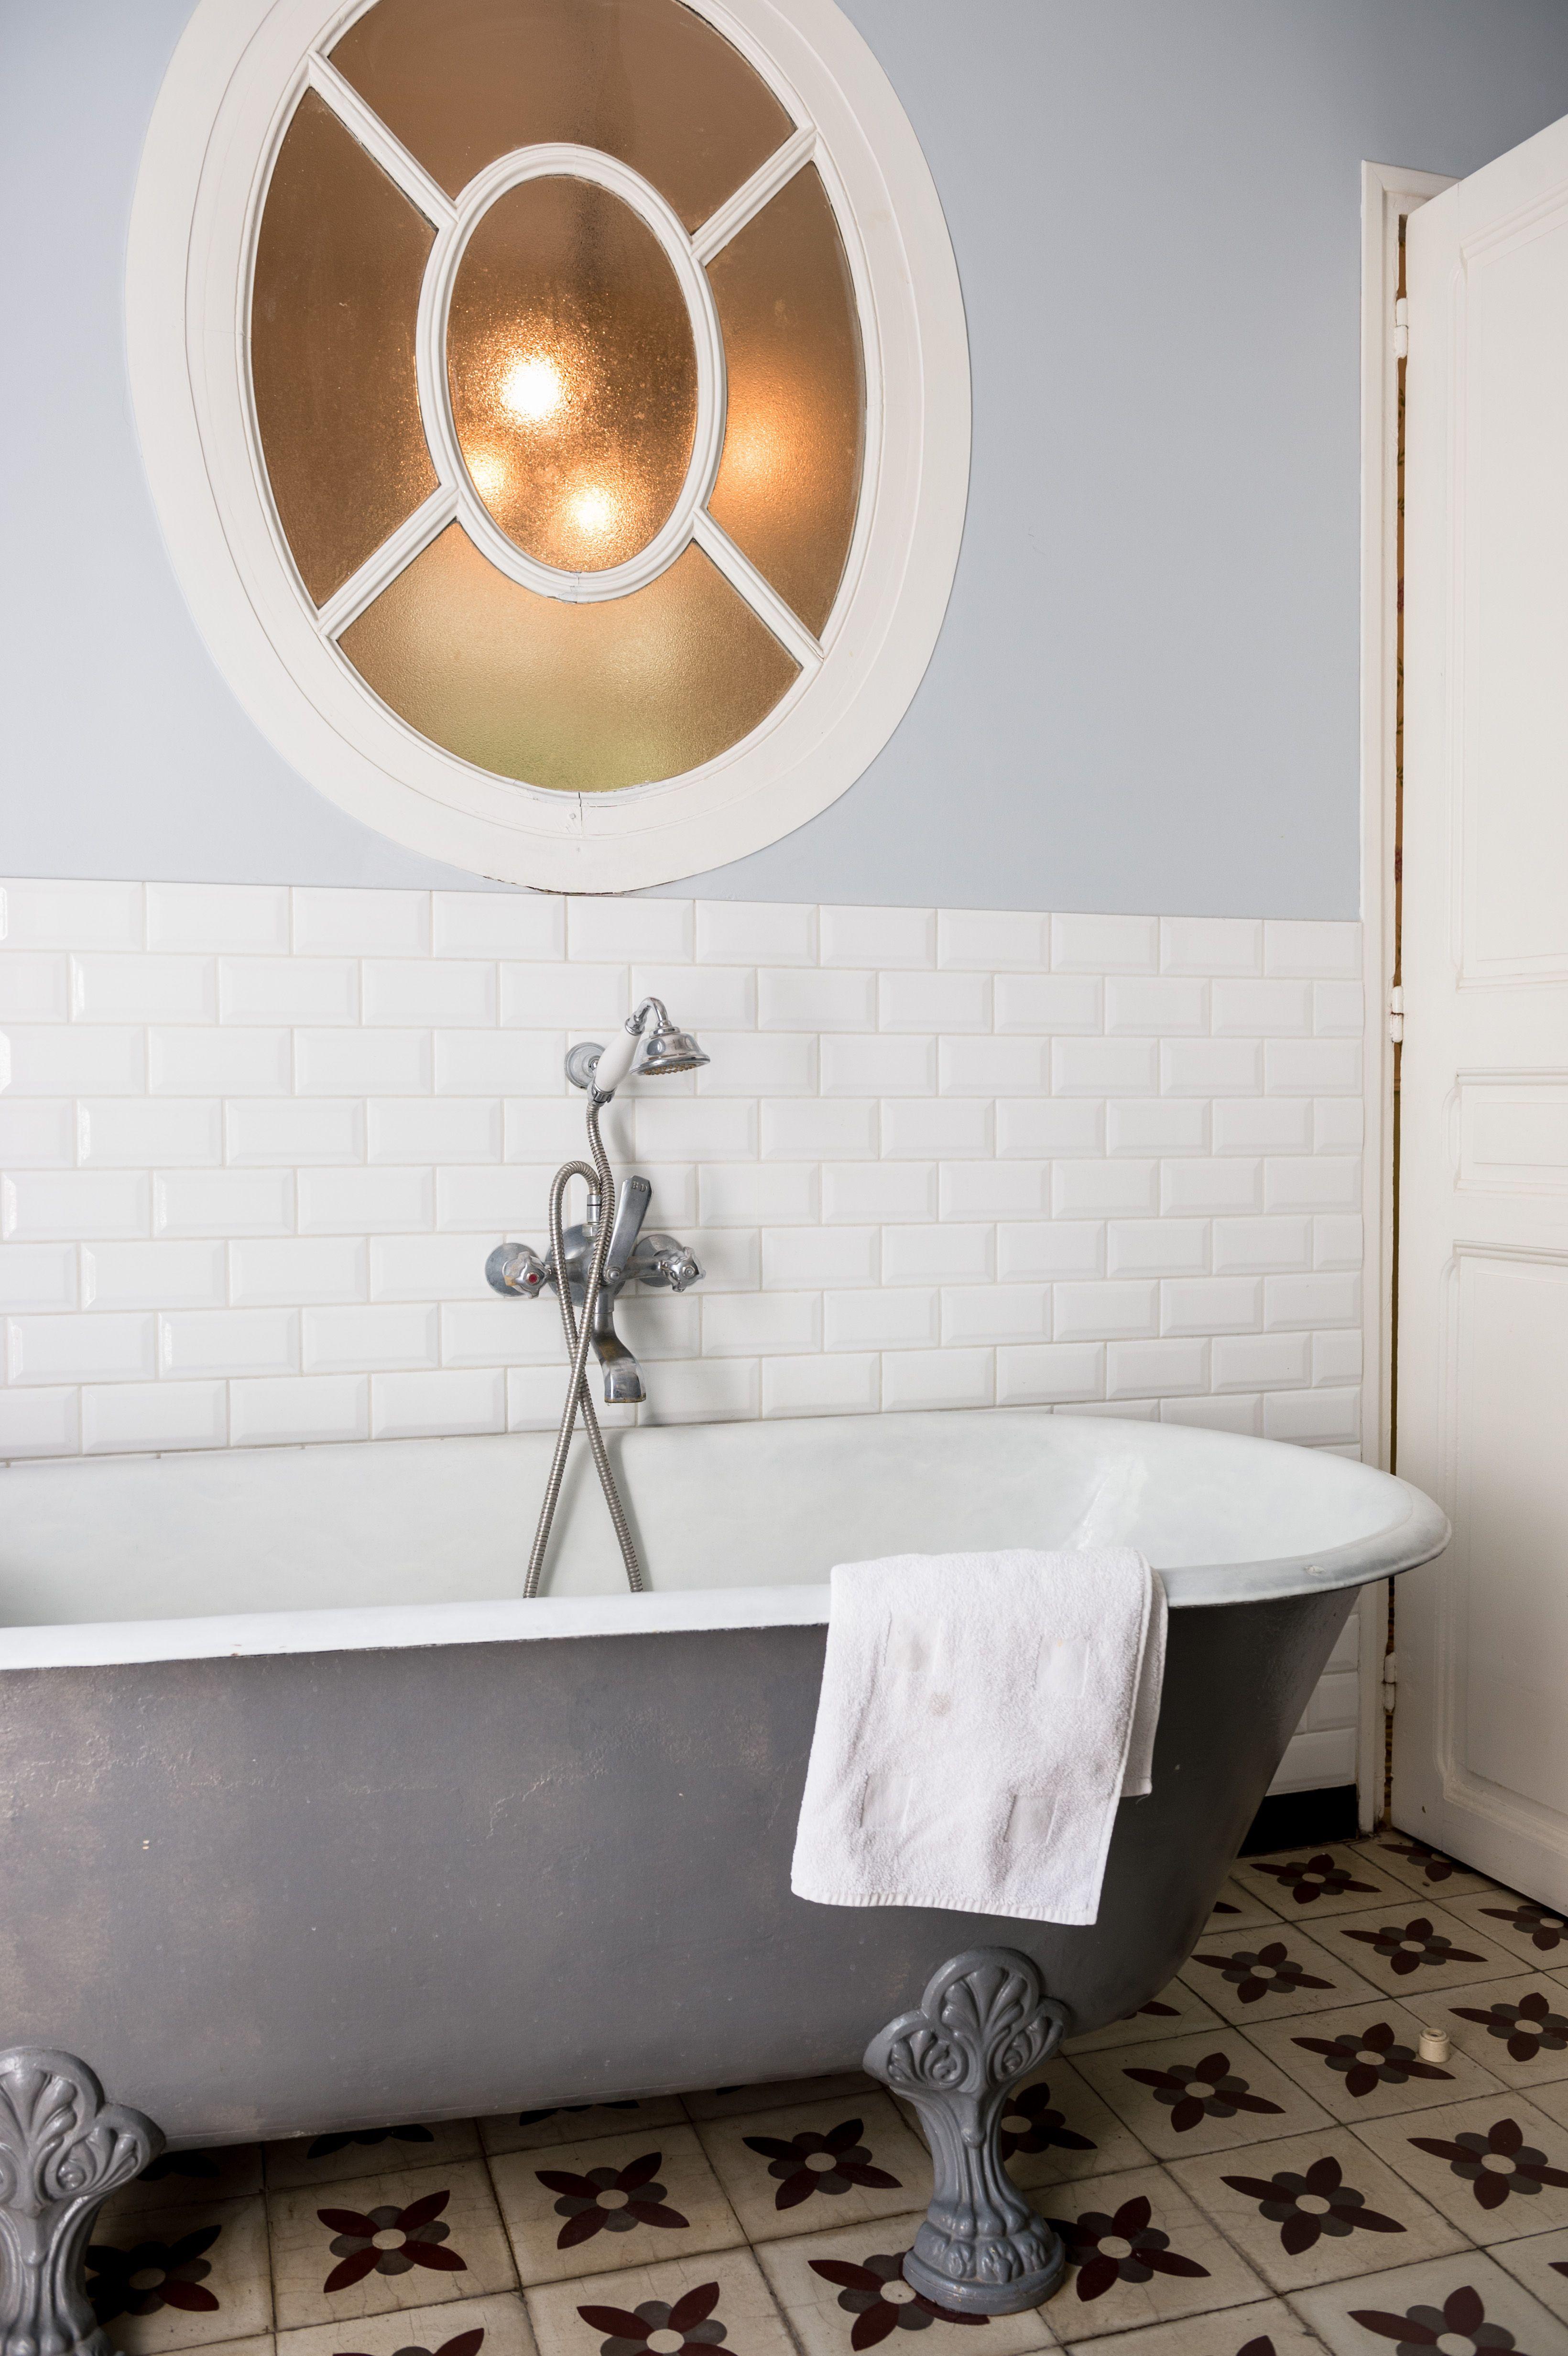 baignoire ancienne, salle de bains rétro | chambre d\'hôte B&B dans ...